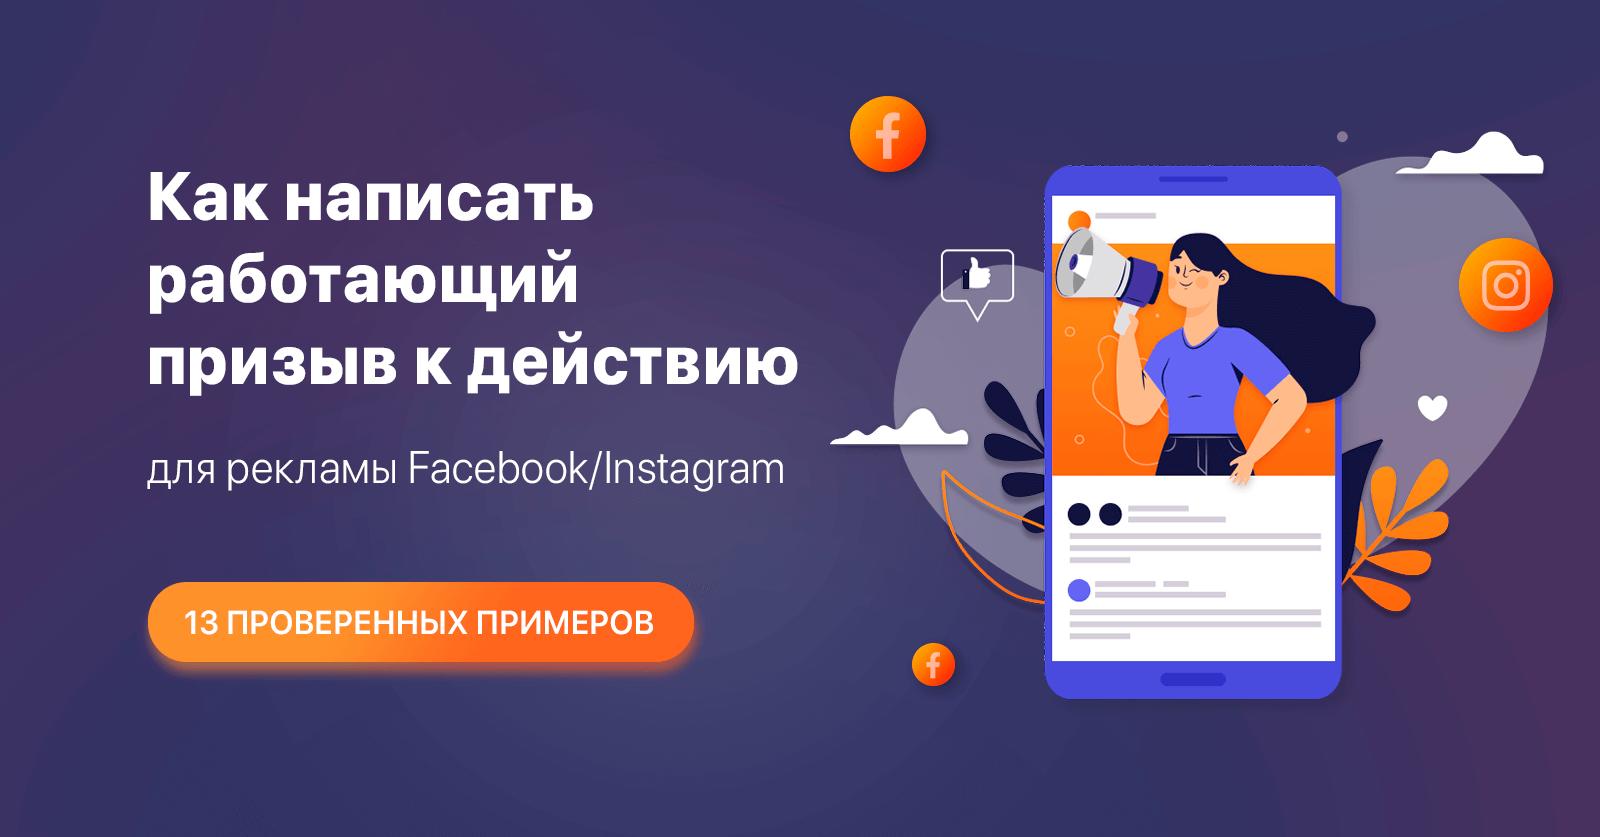 Как написать работающий призыв к действию для рекламы Facebook/Instagram [13 проверенных примеров]